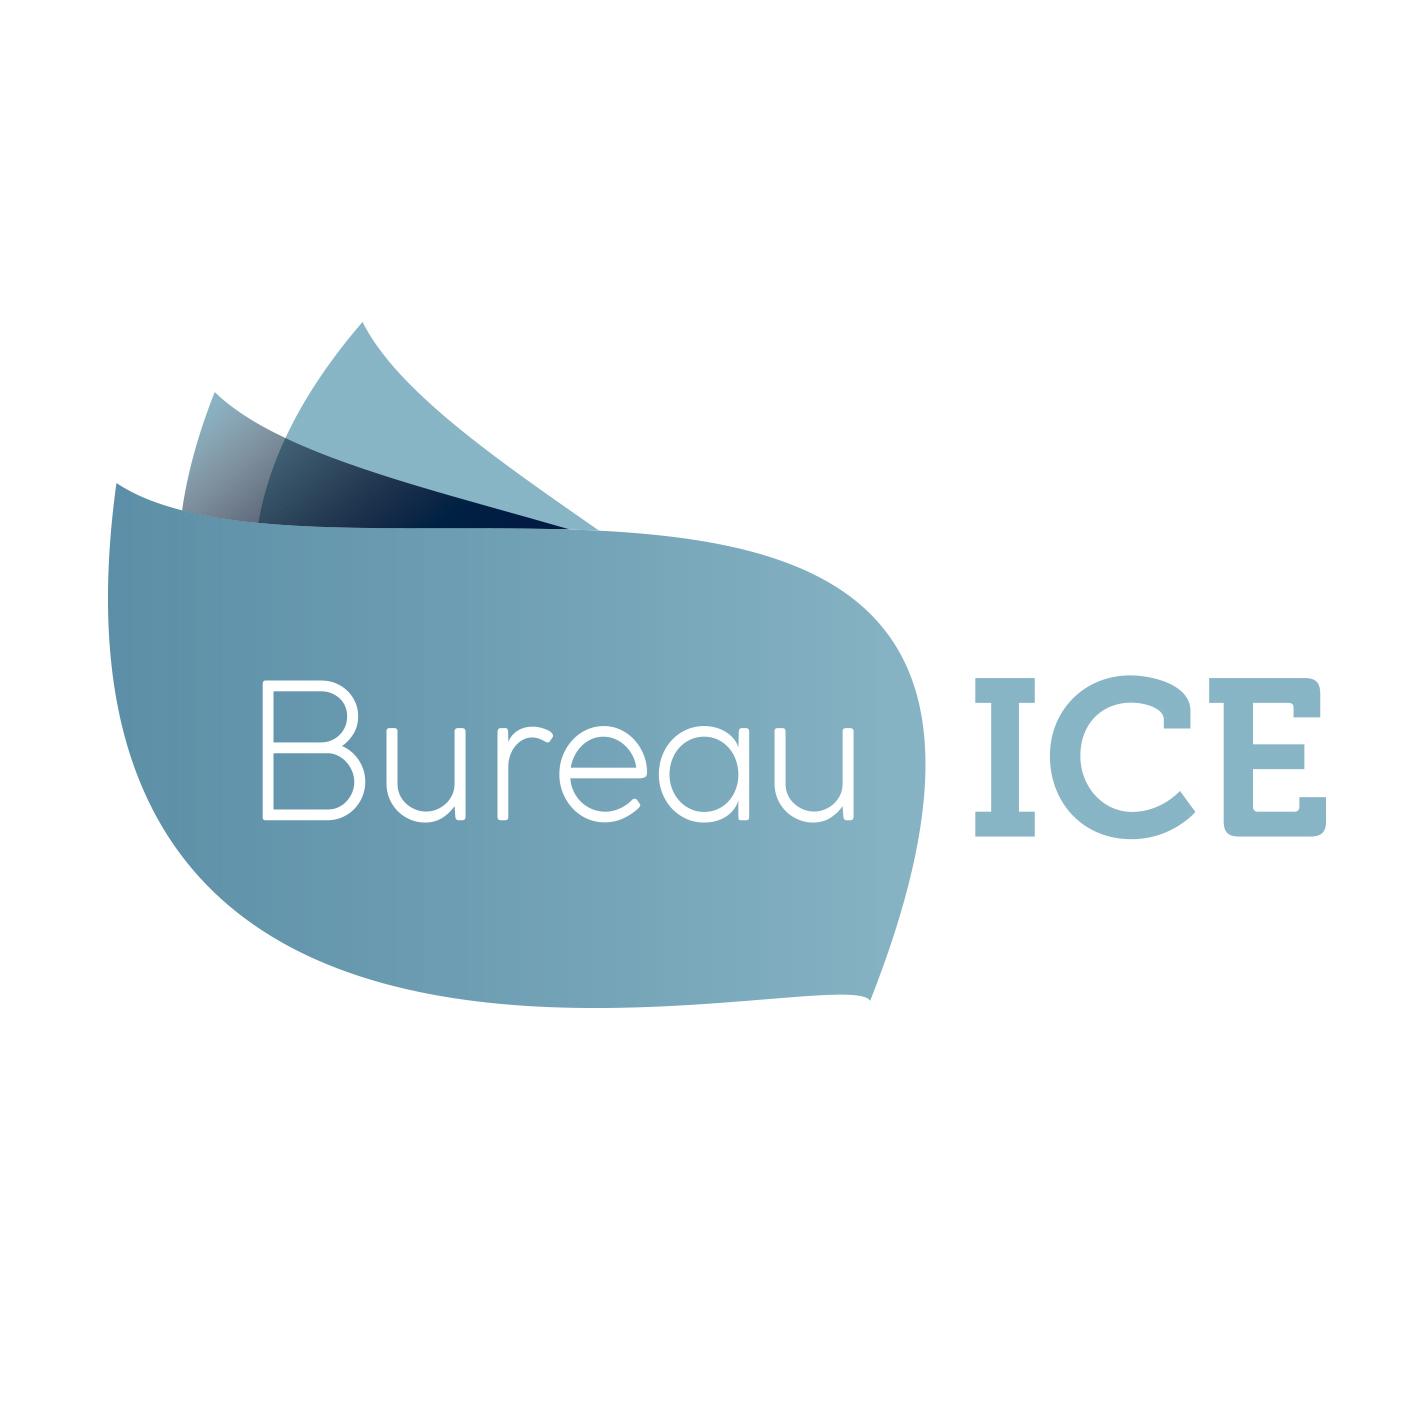 Logo Bureau ICE